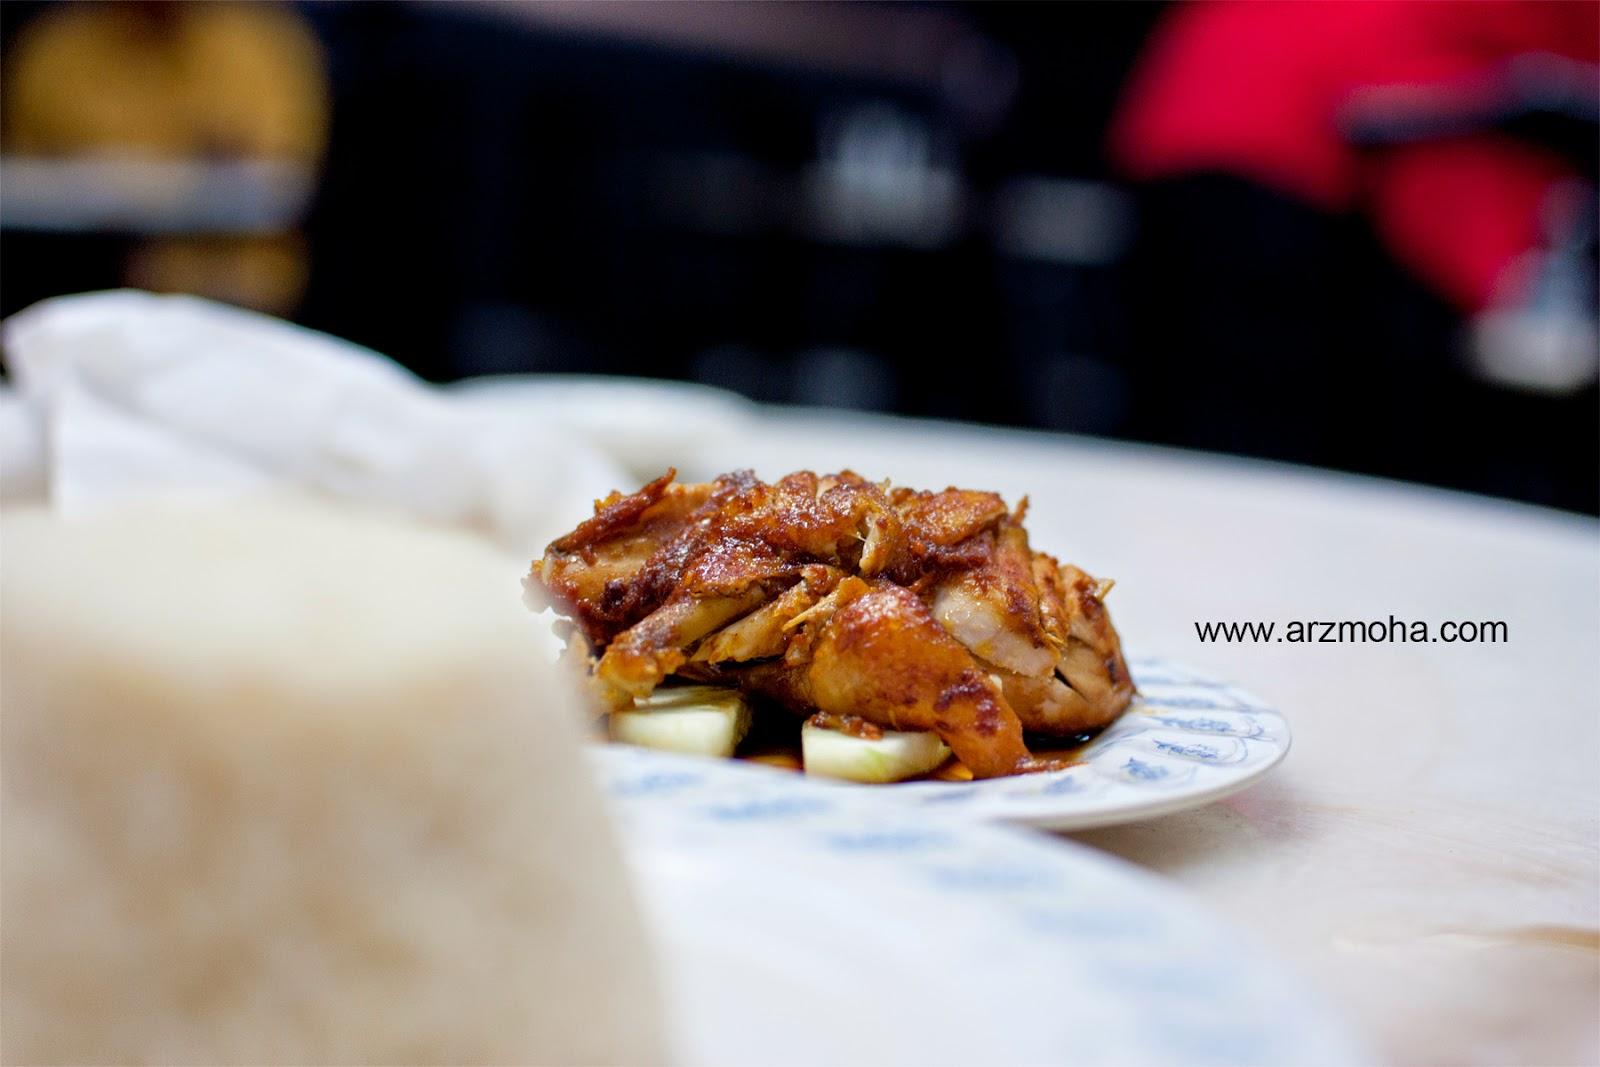 Doli, Nasi Ayam, Chicken Rice, gambar cantik, jurugambar produk, taiping, perak, malaysia, jalan-jalan cari makan